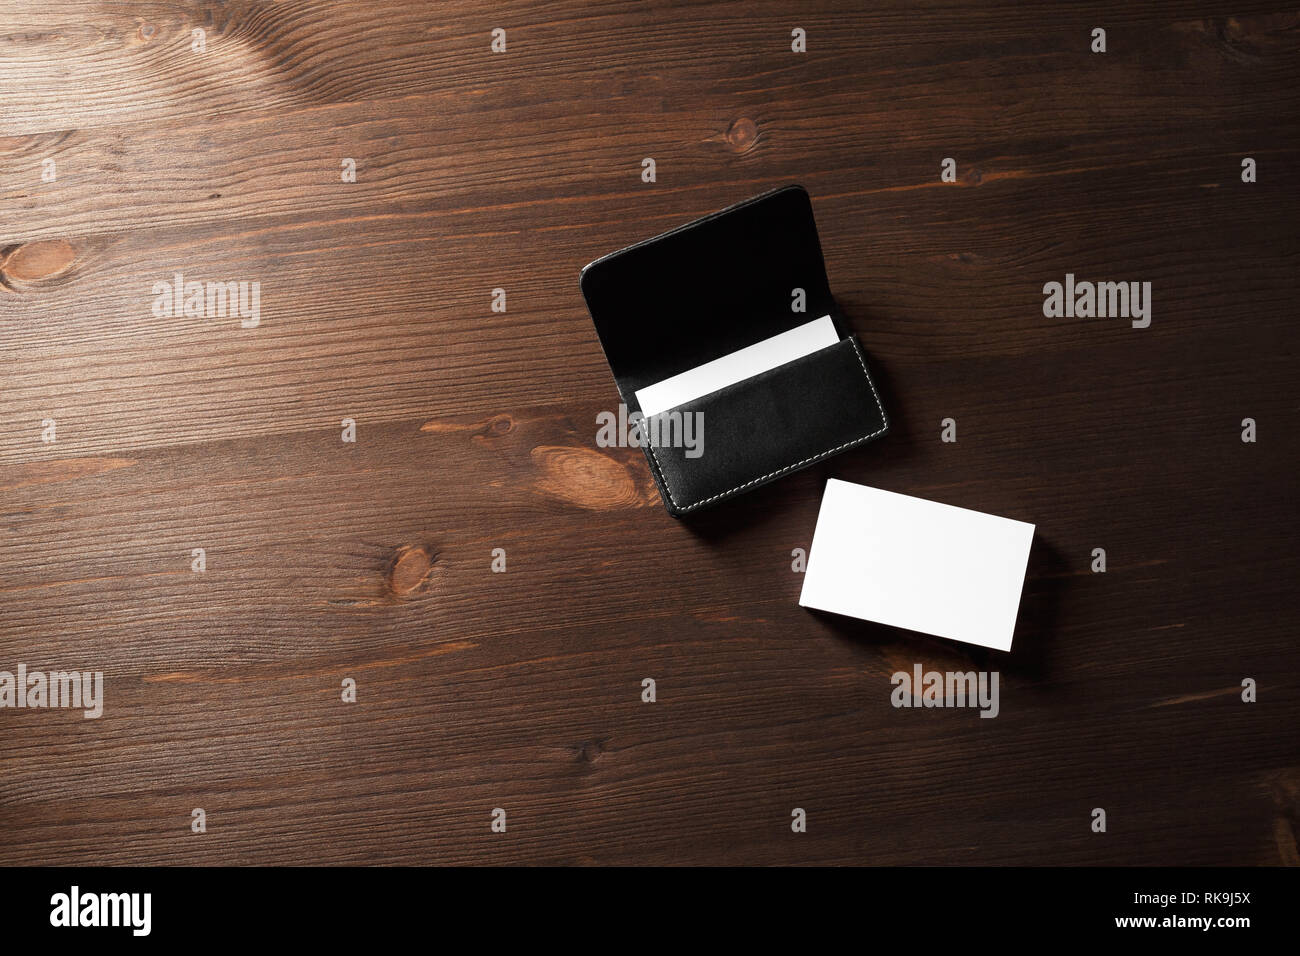 Visitenkartenvorlagen Und Leder Visitenkartentasche Auf Holz